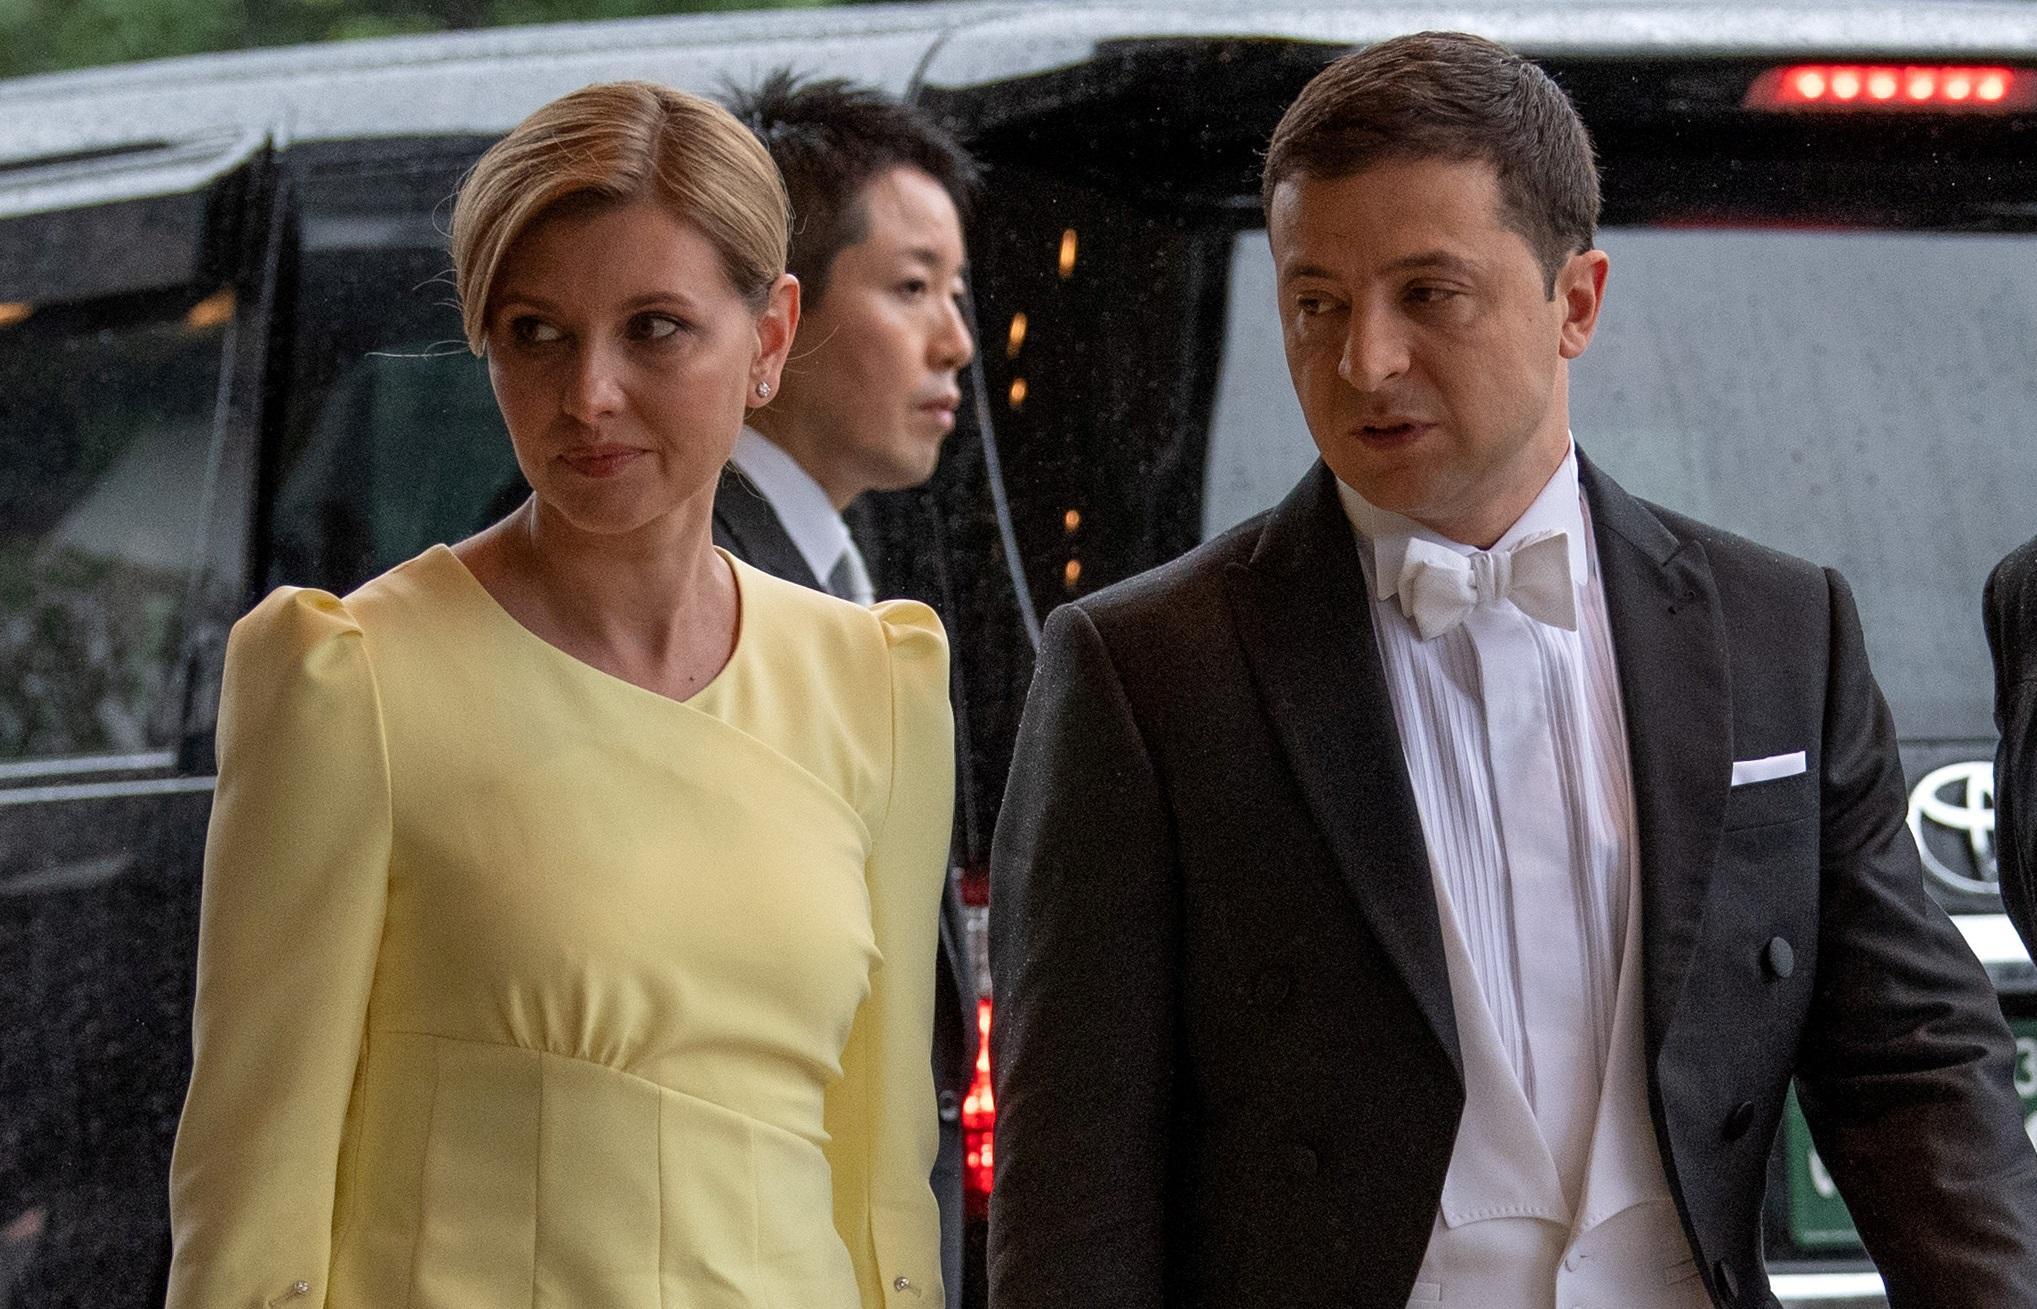 Ουκρανία: Θετική στον κορονοϊό η σύζυγος του προέδρου Ζελένσκι